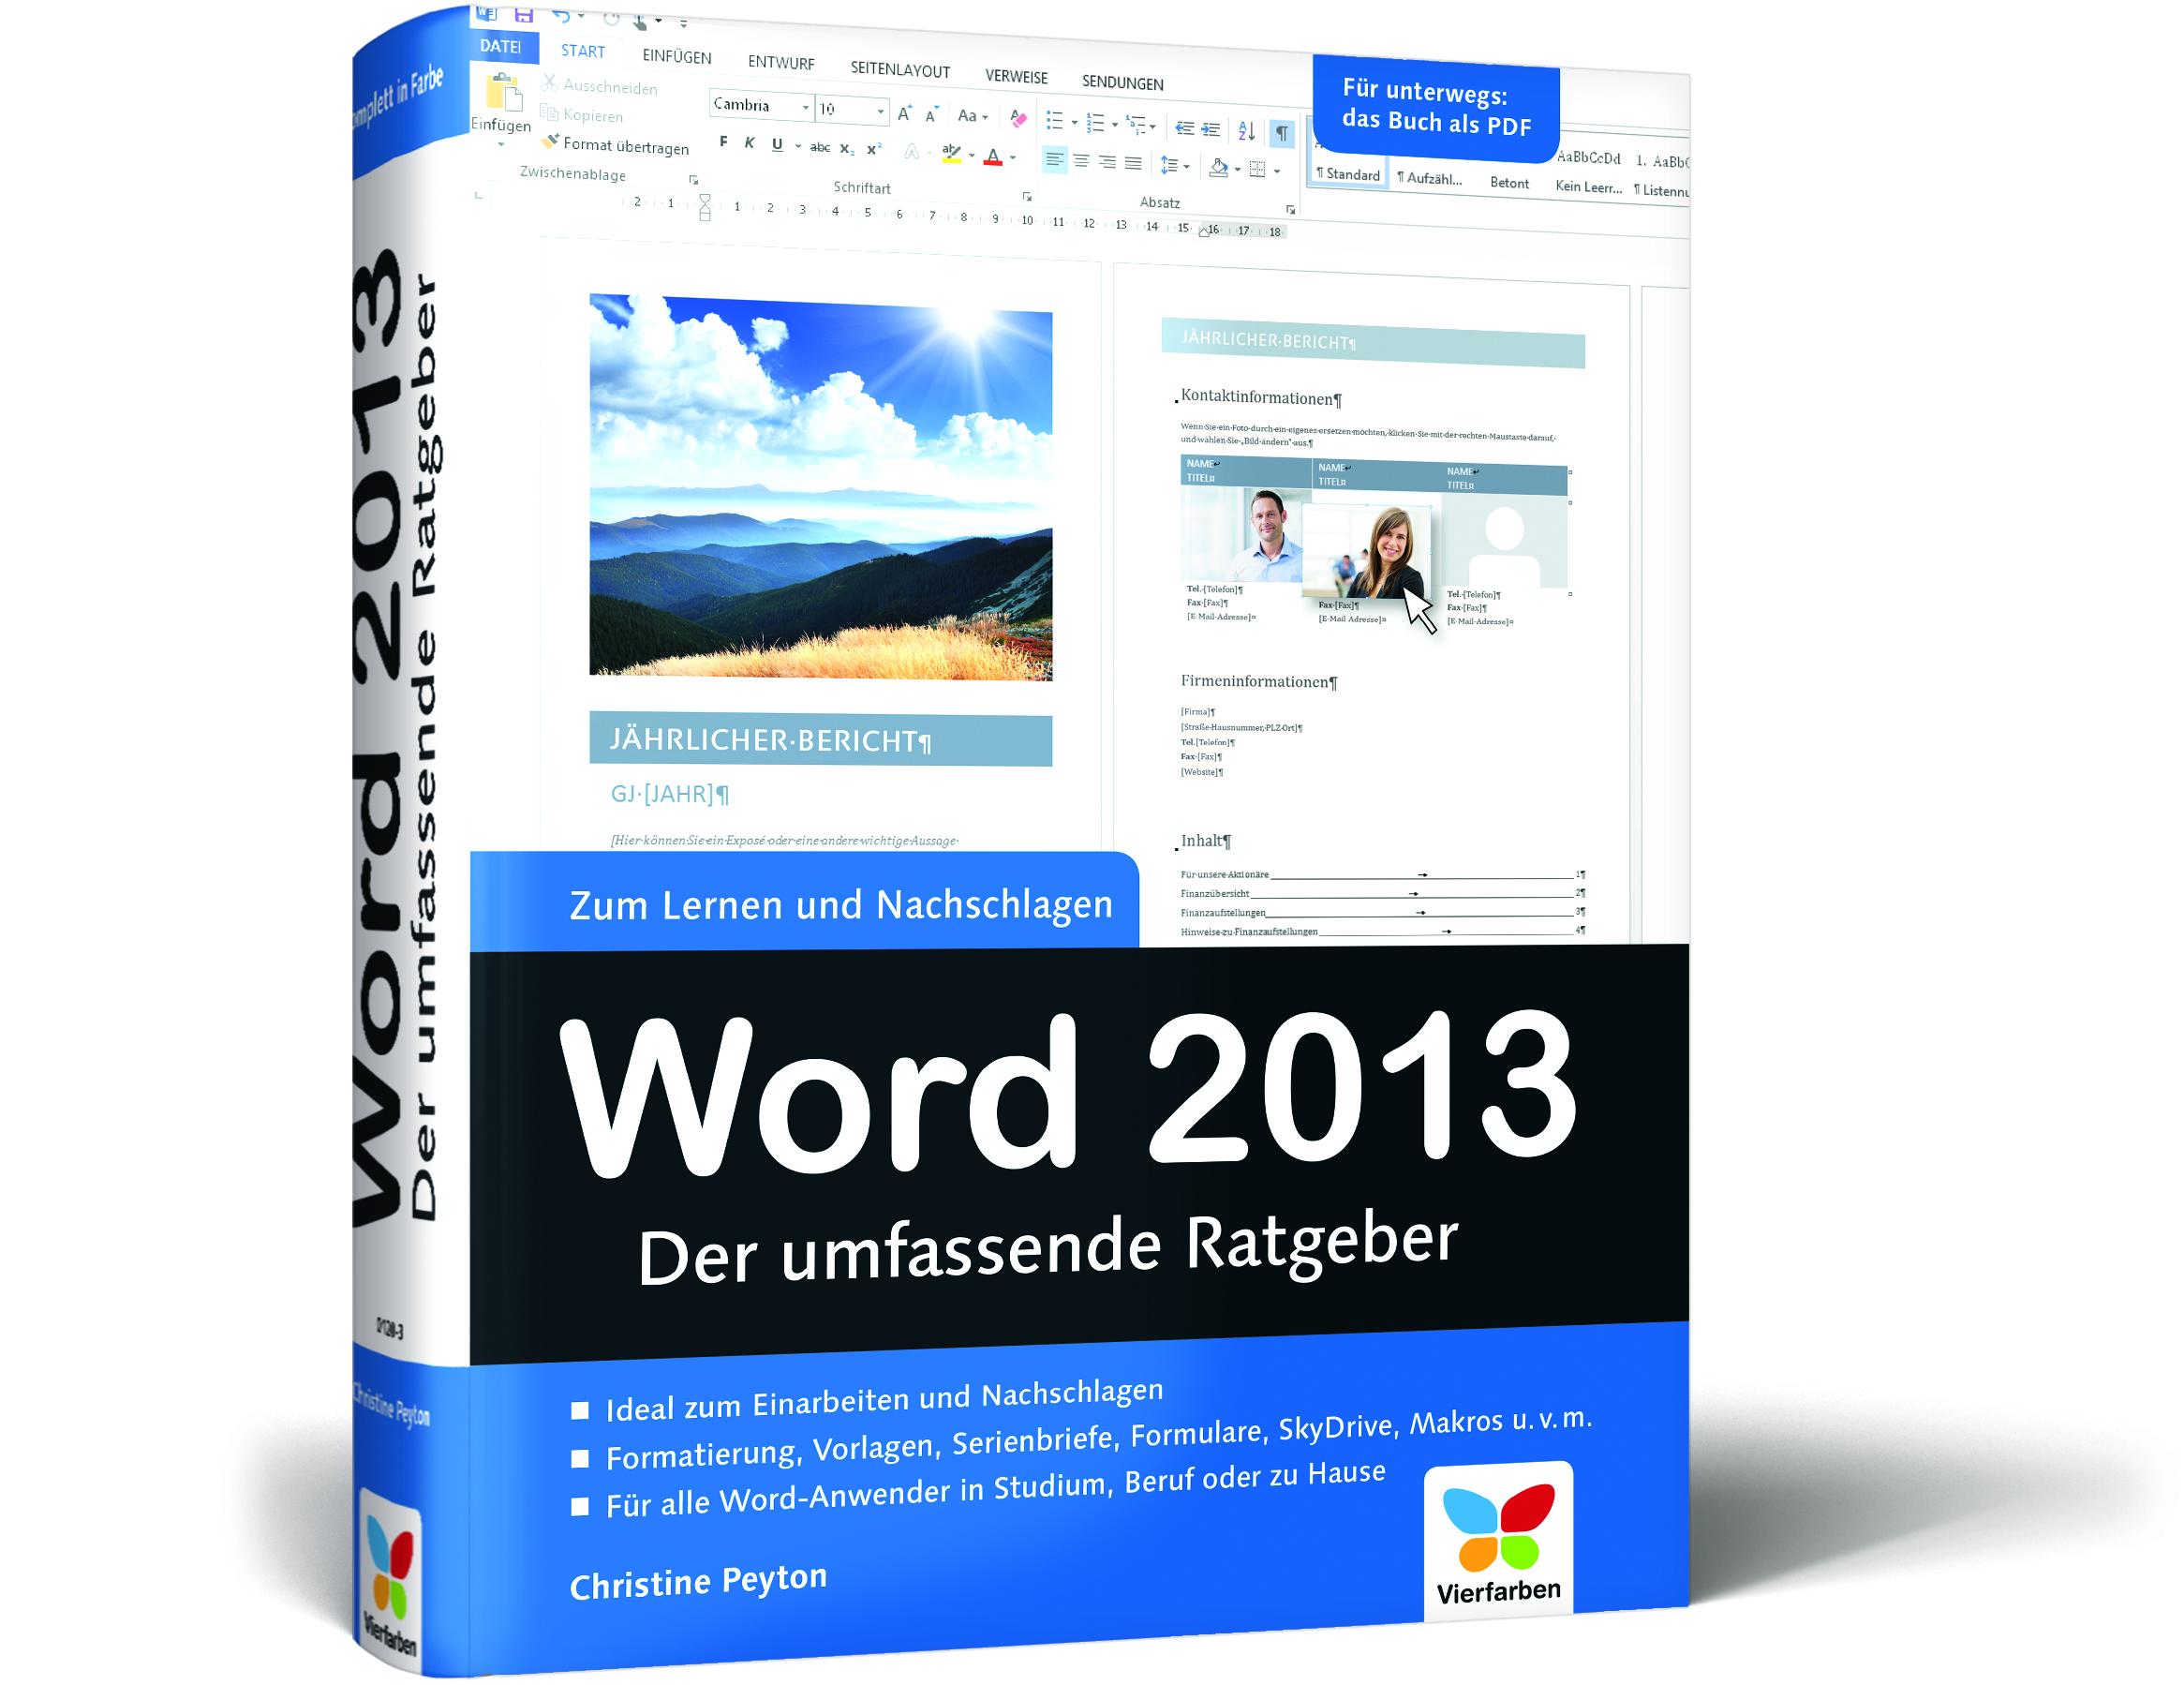 Word 2013 – Der umfassende Ratgeber